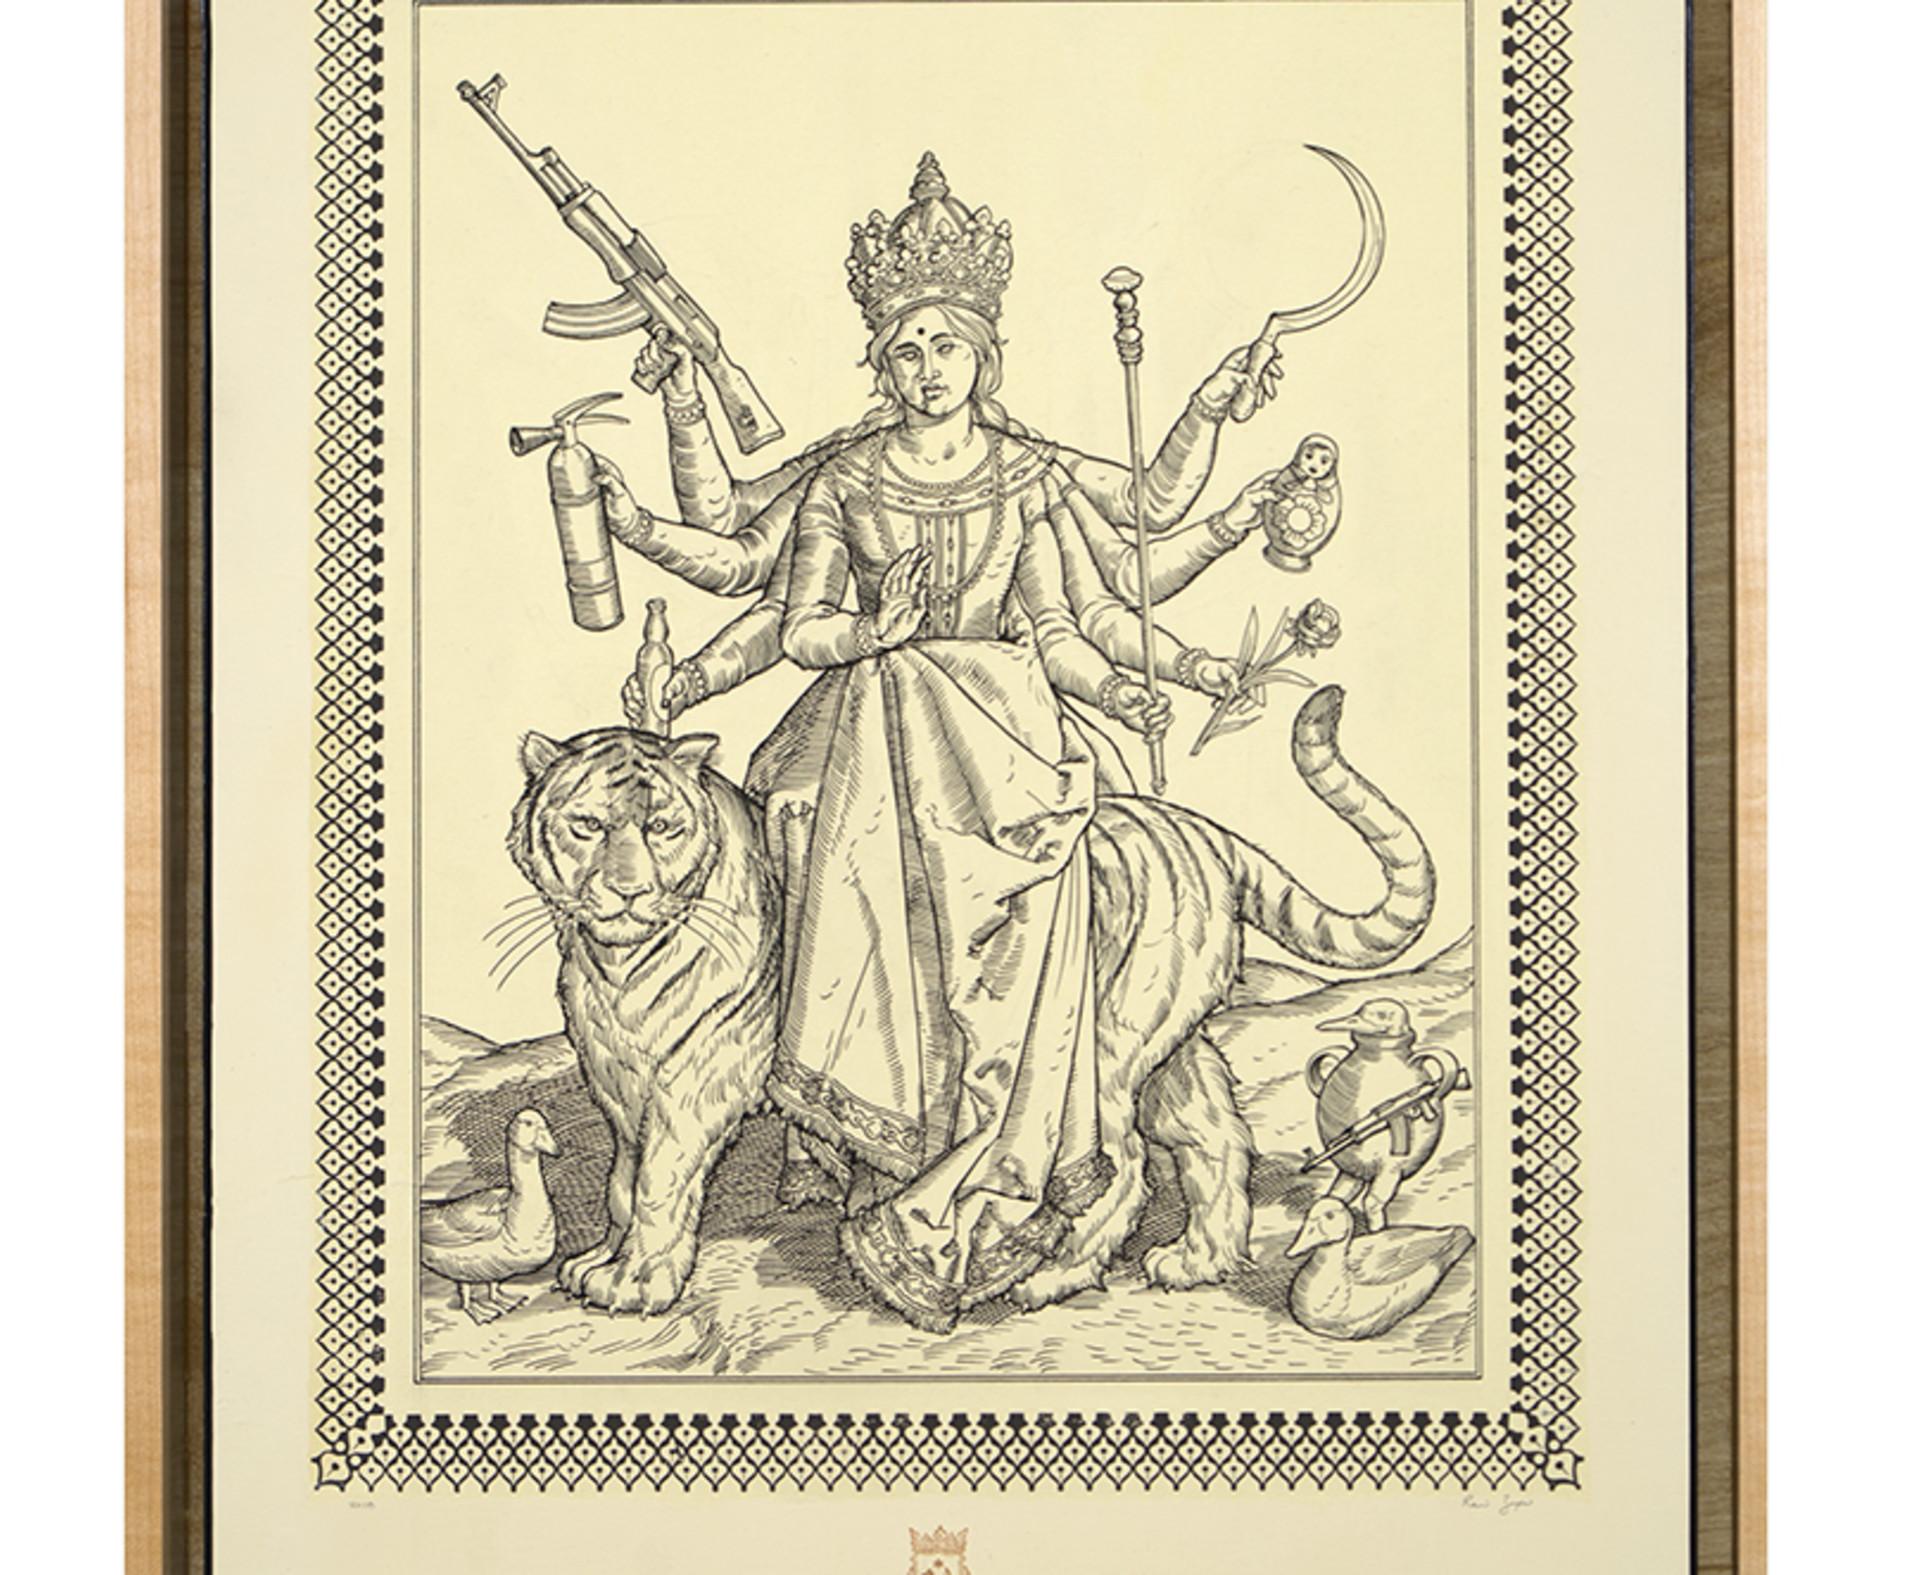 Ravi Zupa, German Renaissance Durga, 2018